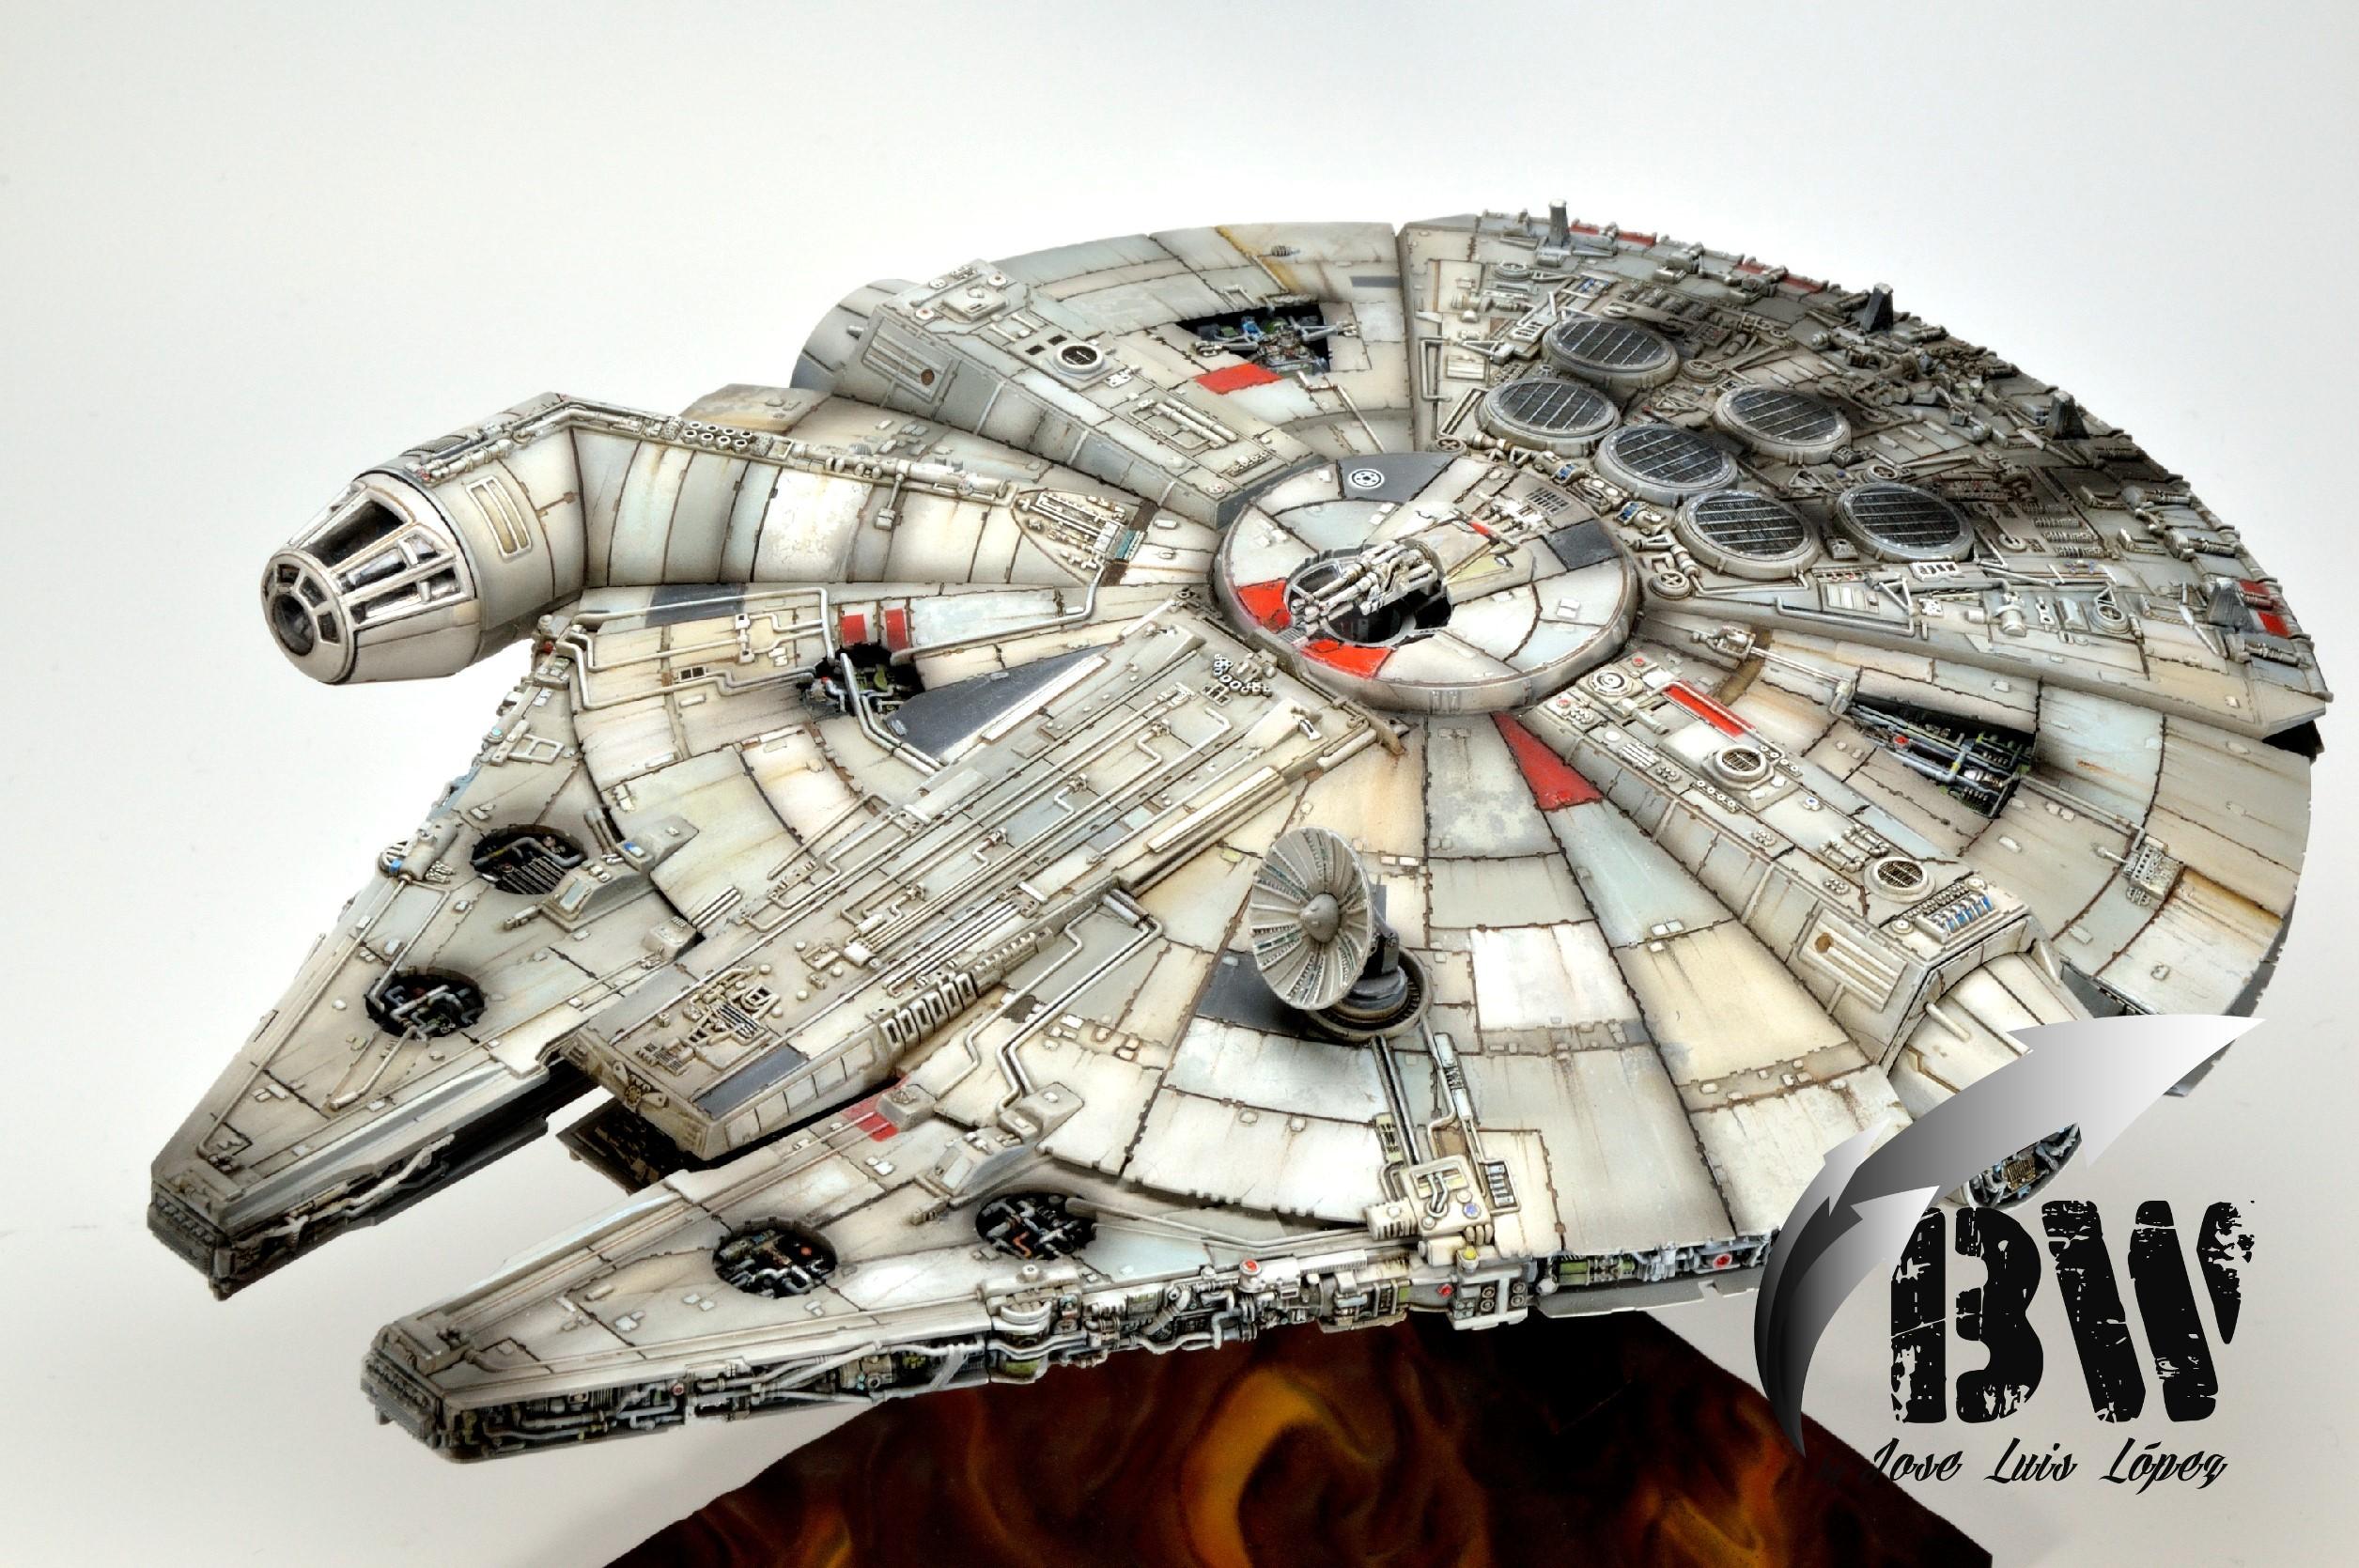 Millenium Falcon 1/144